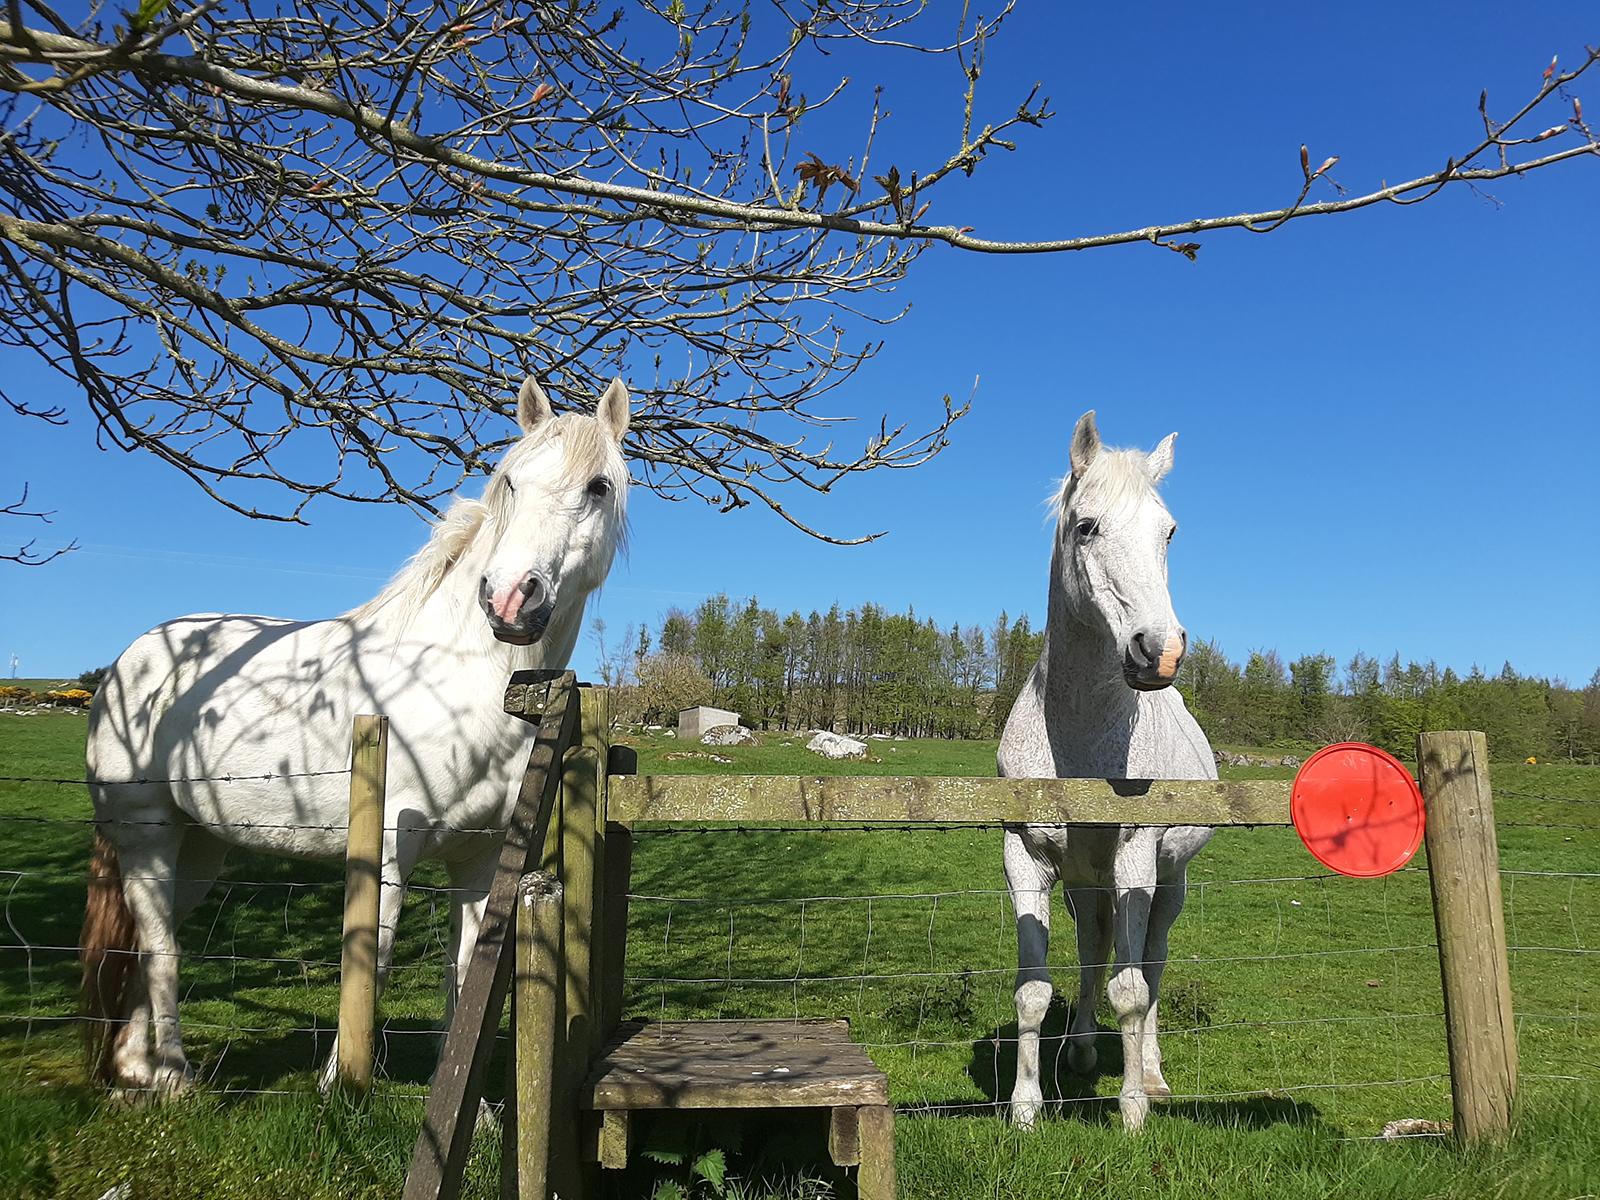 Two white horses on farm